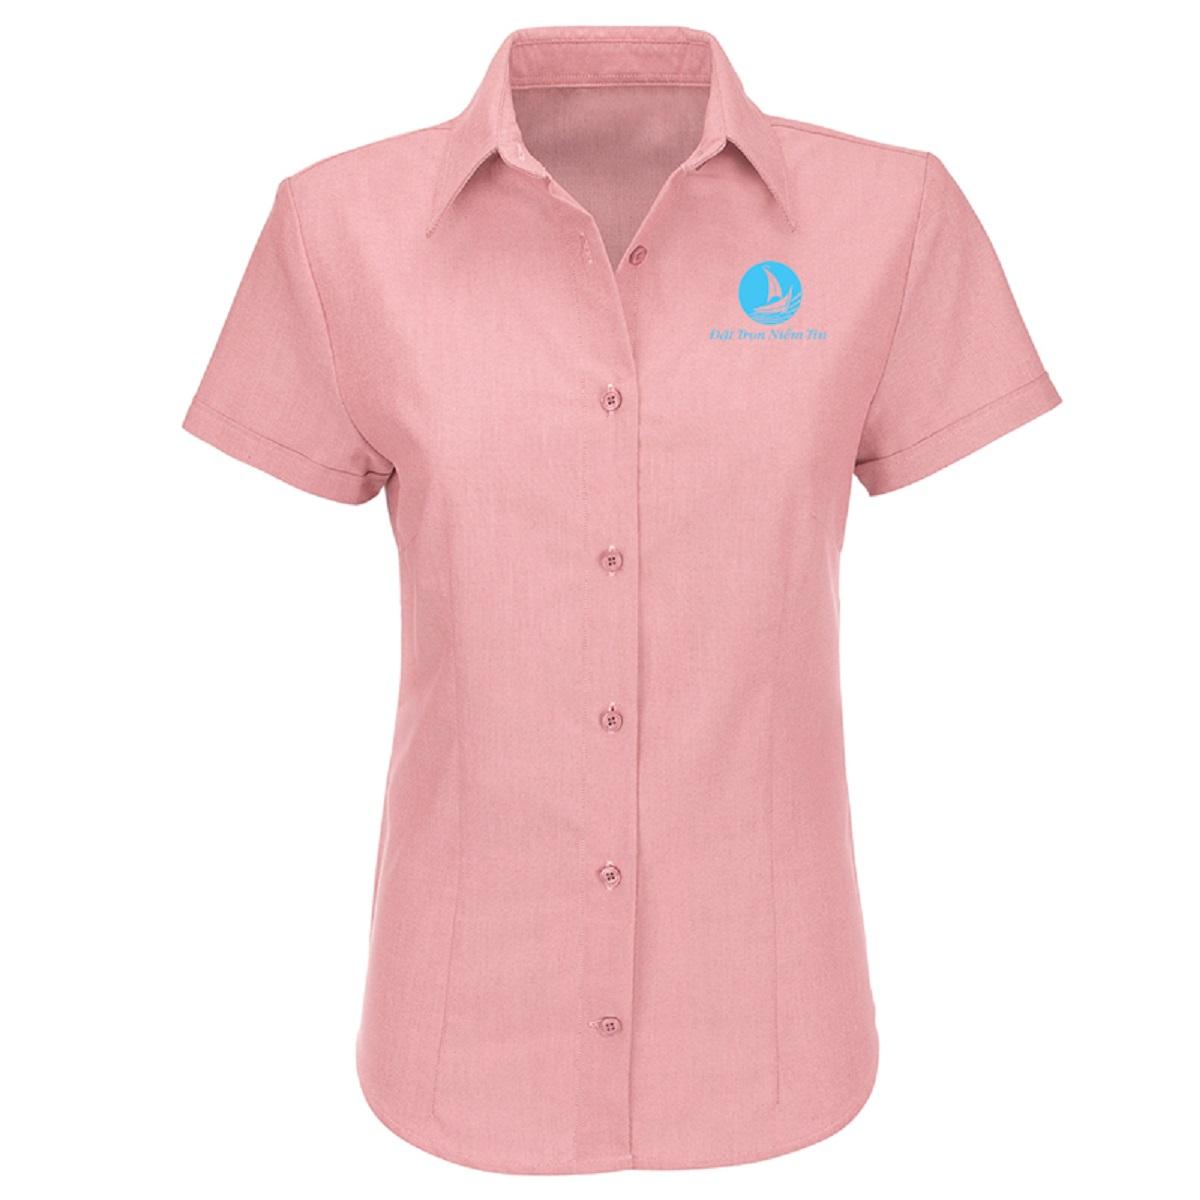 Cũng như những sản phẩm khác thì sơ mi Nữ cũng lựa chọn những chất liệu vải ngoại cao cấp, thấm mồ hôi tốt, dễ giặt ủi, ít nhăn …